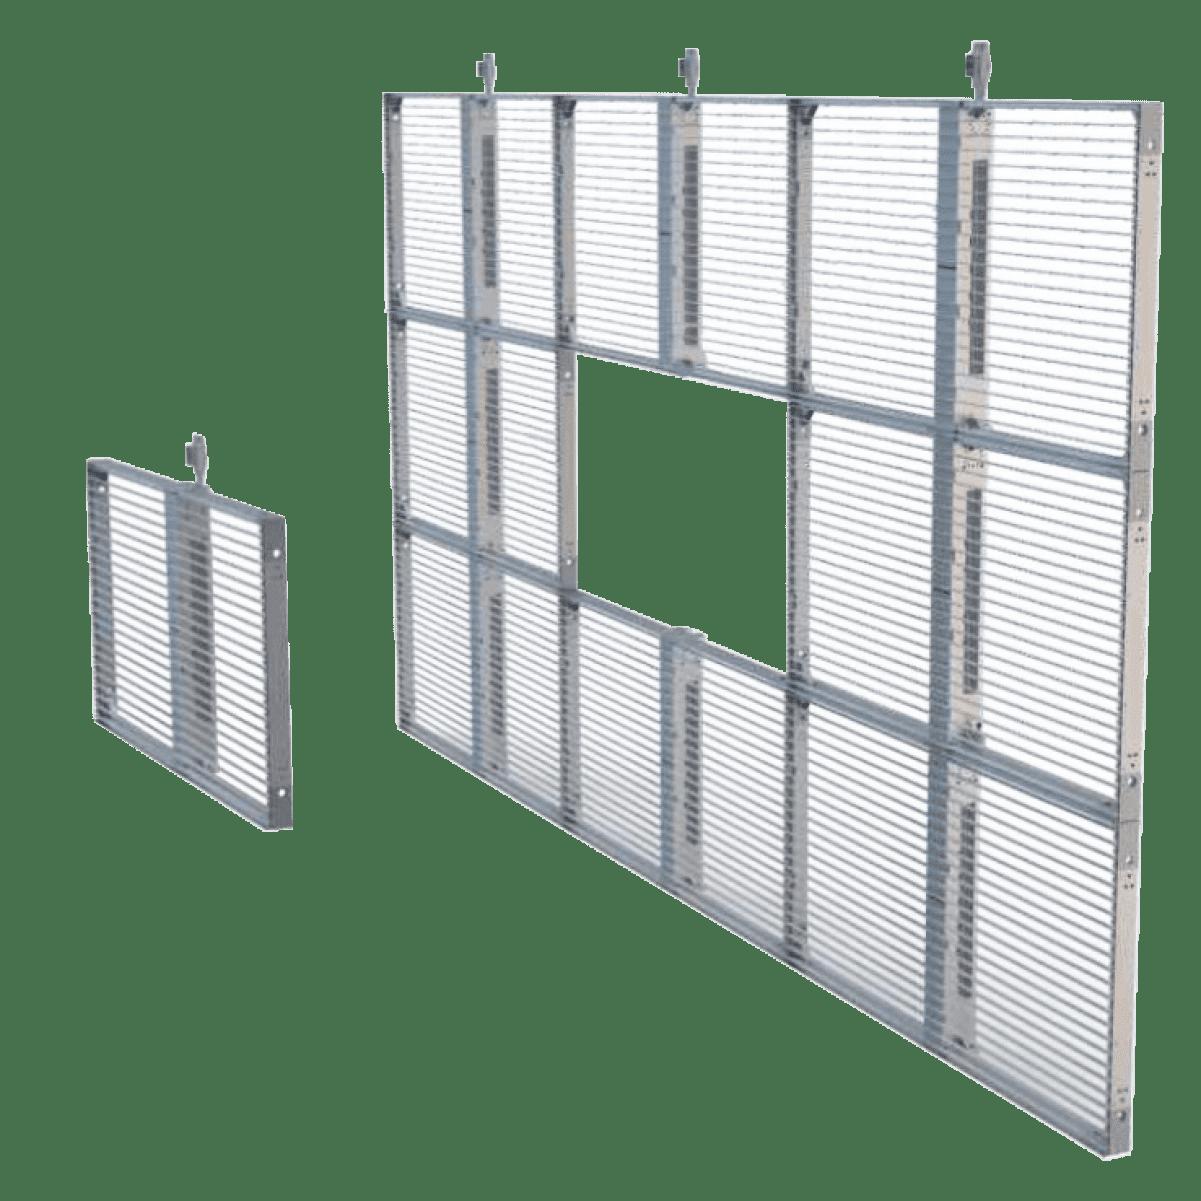 NR Serie standard transparent LED